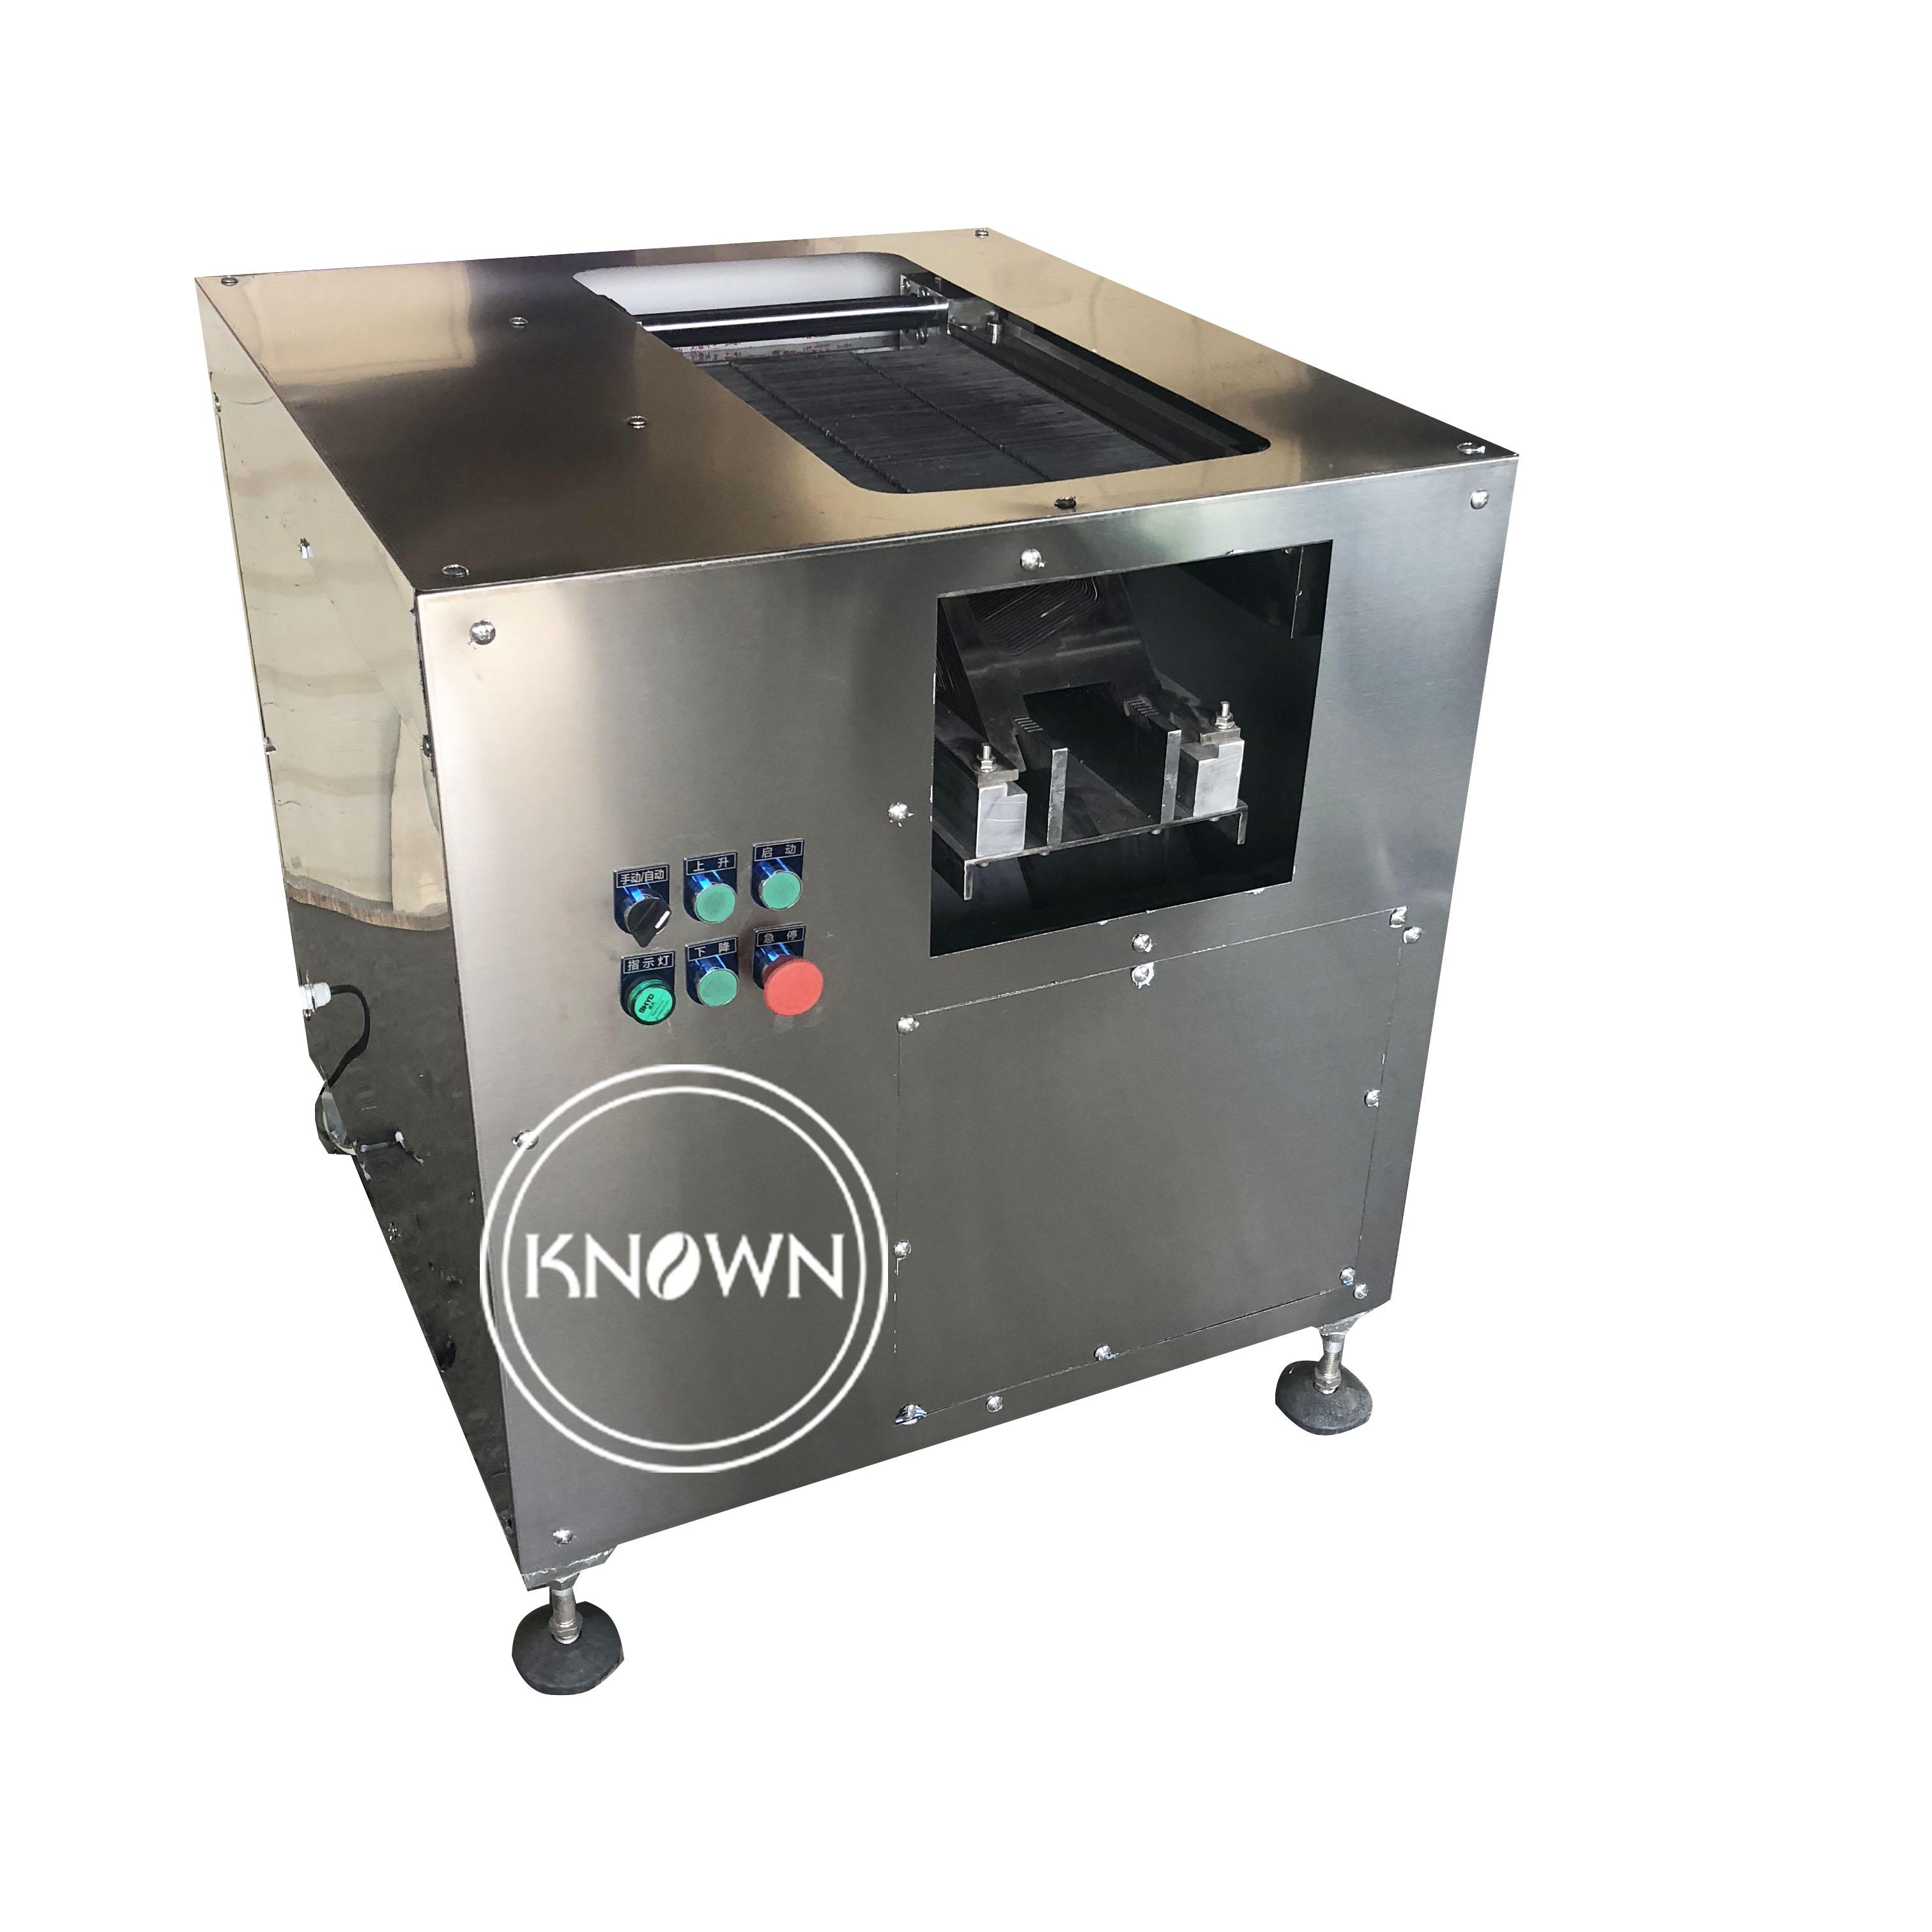 צעיר איכות גבוהה סלמון מכונה לחיתוך בשרשל יצרן סלמון מכונה לחיתוך בשר ב CP-85